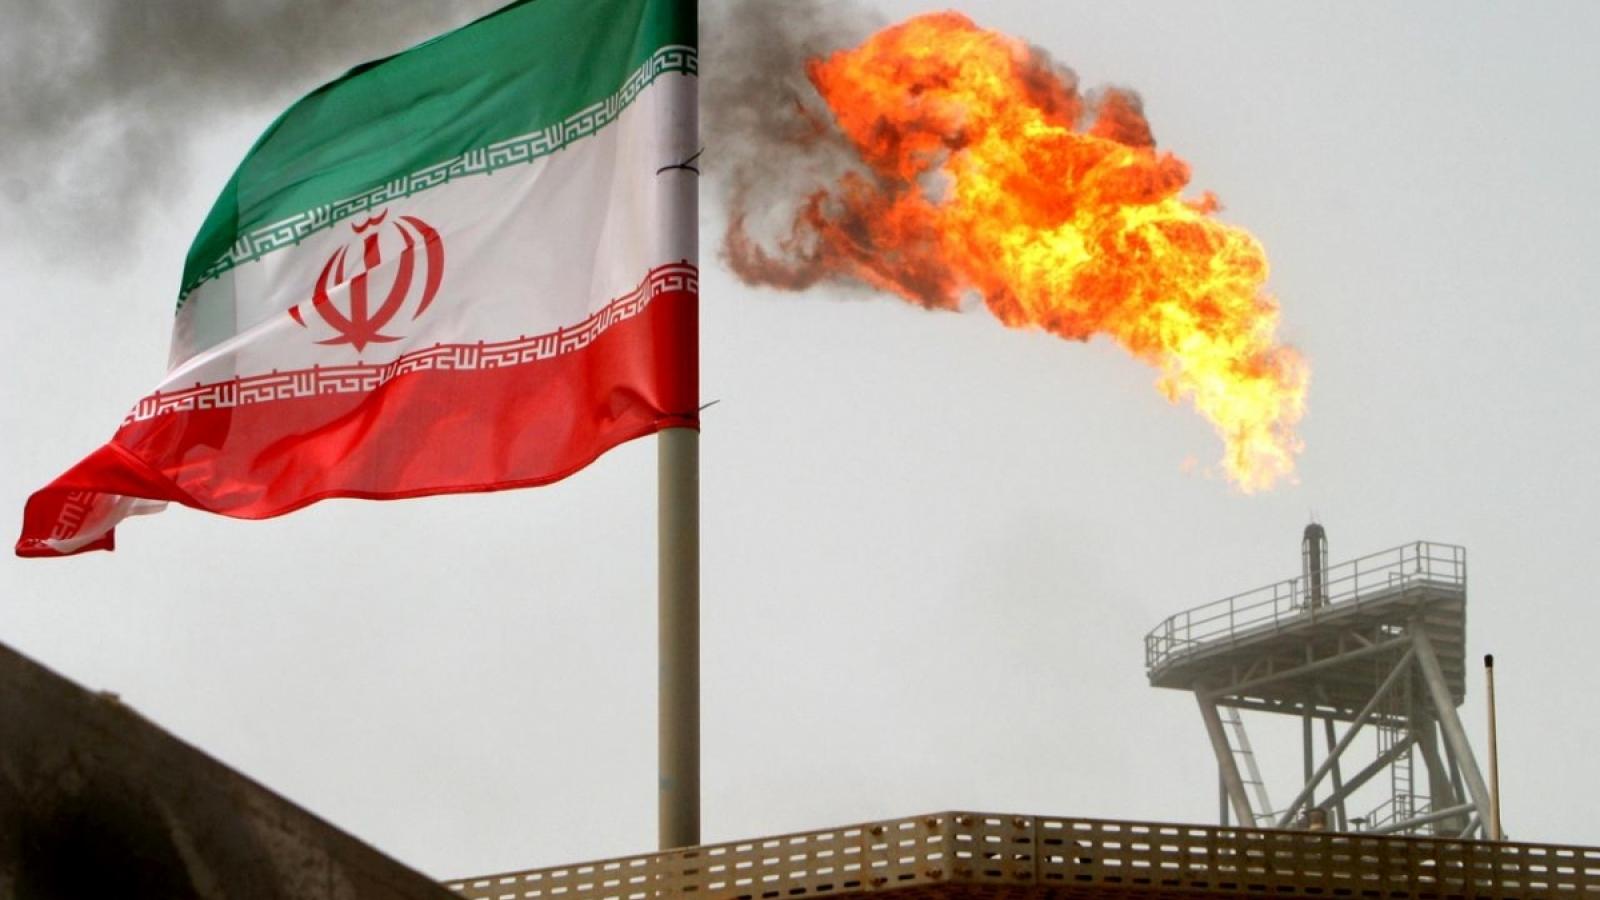 Tổng thống Mỹ sẽ ban hành sắc lệnhtrừng phạt hoạt động buôn bán vũ khí của Iran